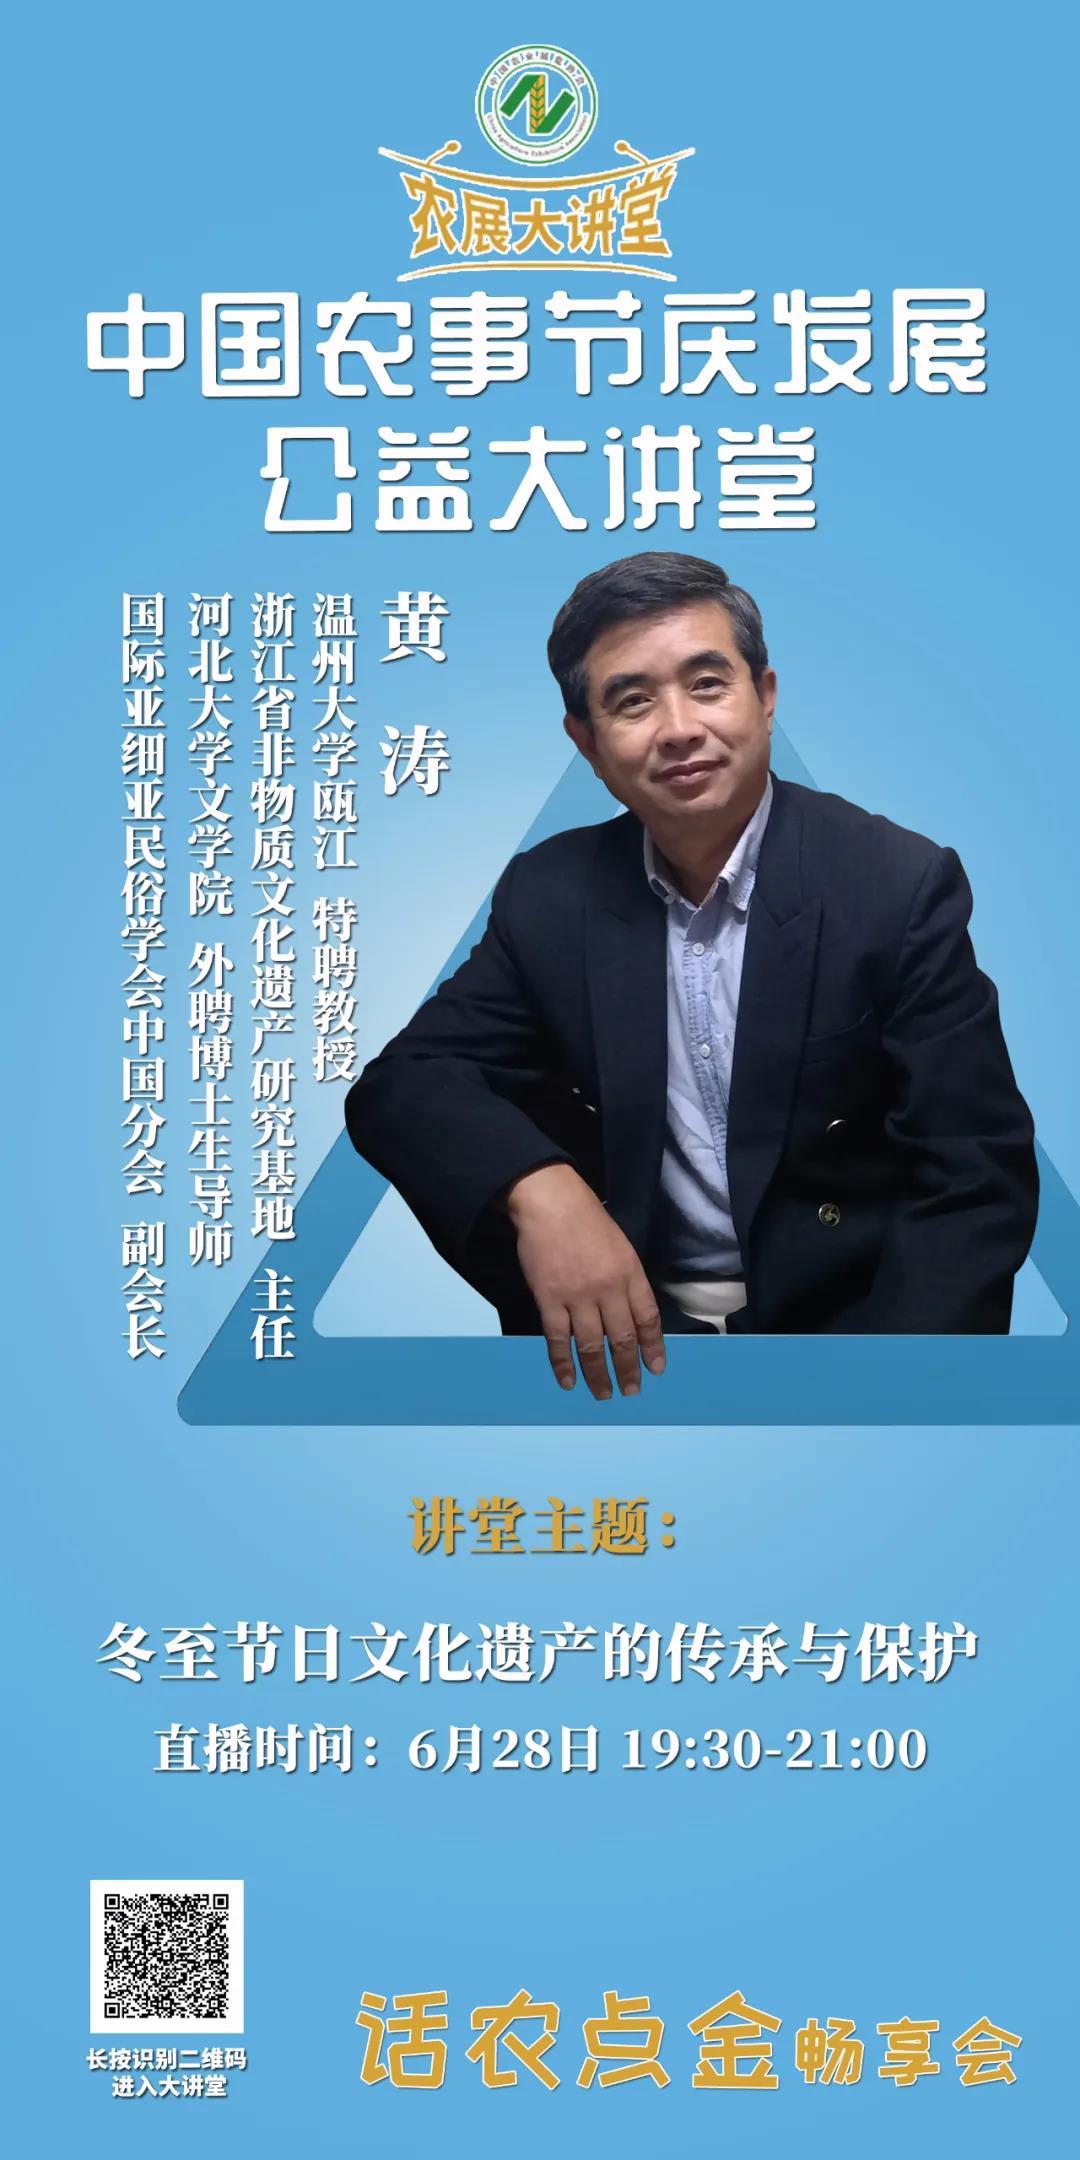 【农展大讲堂20·预告】6月28日(周日)中国农事节庆发展公益大讲堂第八期